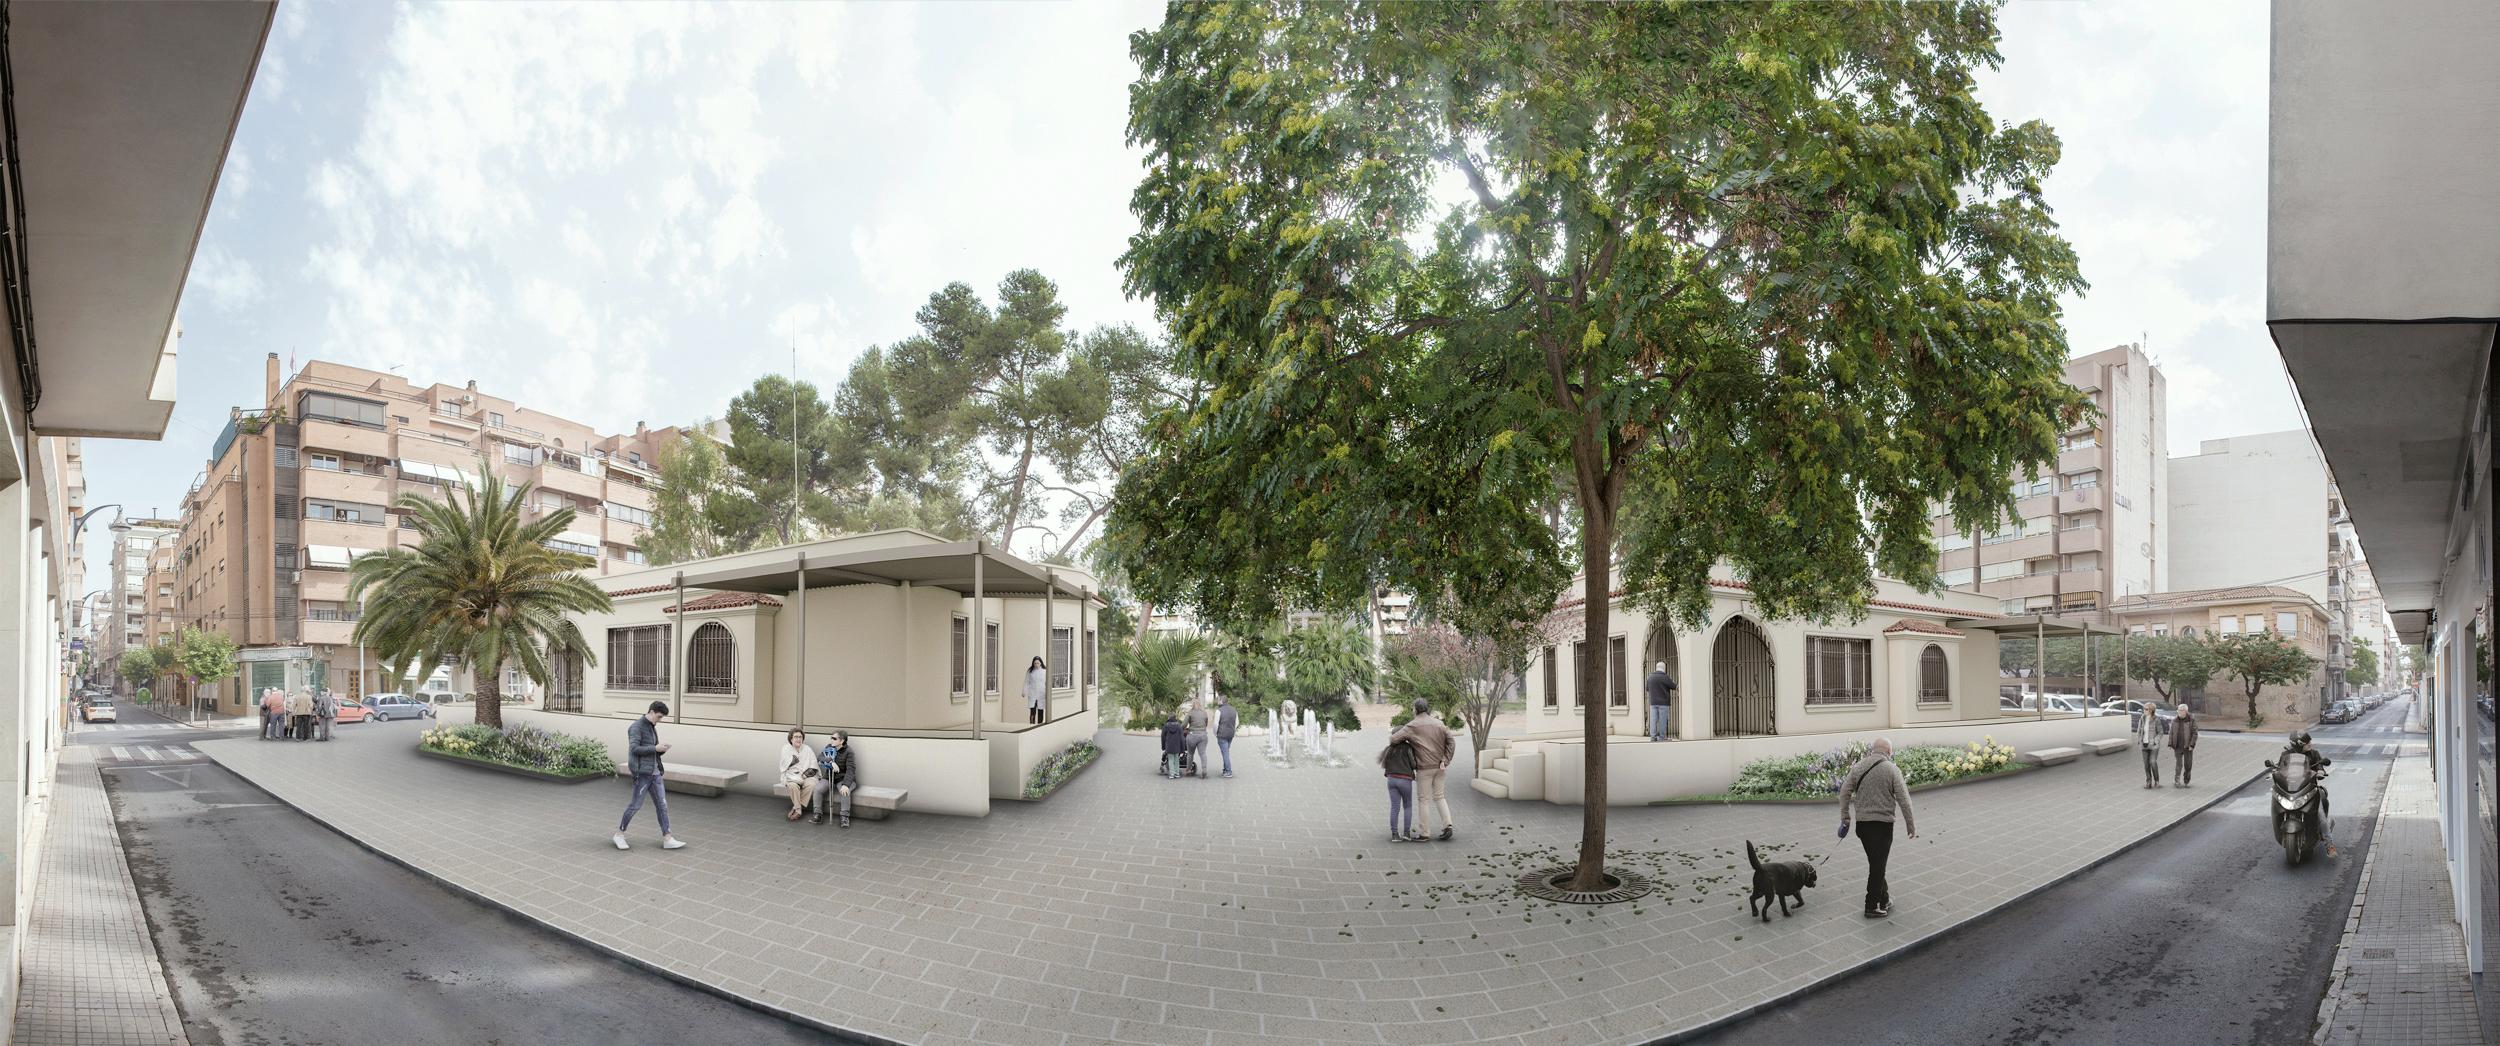 plan-director-jardin-de-la-musica-elda-casa-grande-02-muro-fotomontaje-render-visualizacion-montaje-panoramica-proyecto-propuesta.jpg